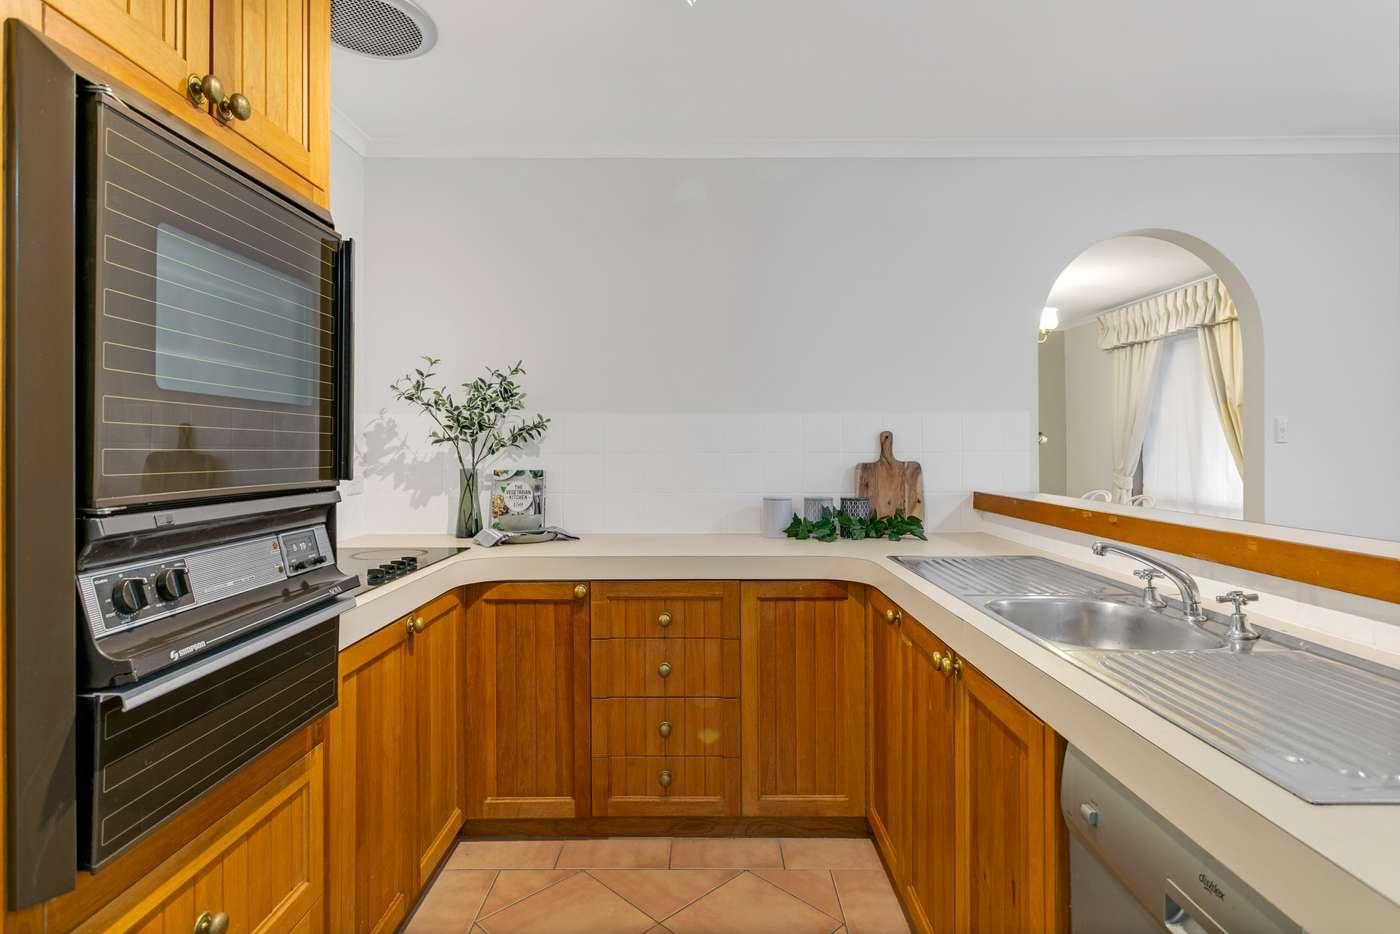 Fifth view of Homely house listing, 16 Nash Lane, Morphett Vale SA 5162